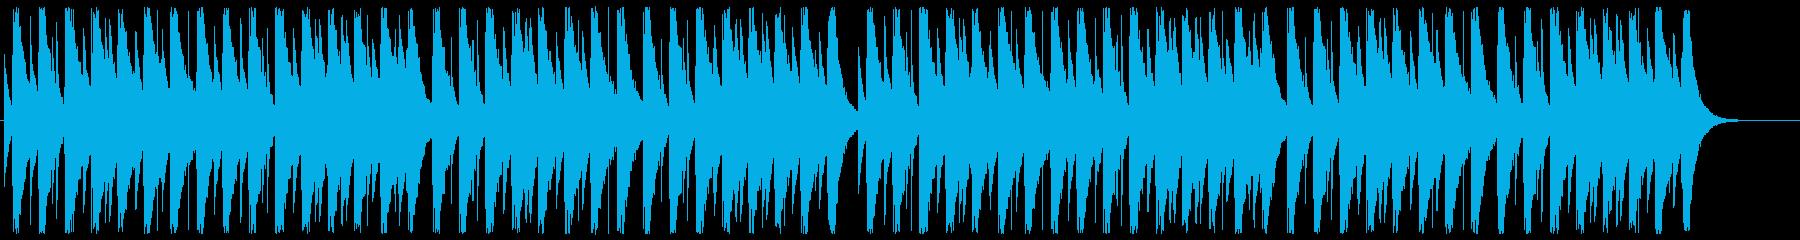 オルゴール・グリーンスリーブスの再生済みの波形